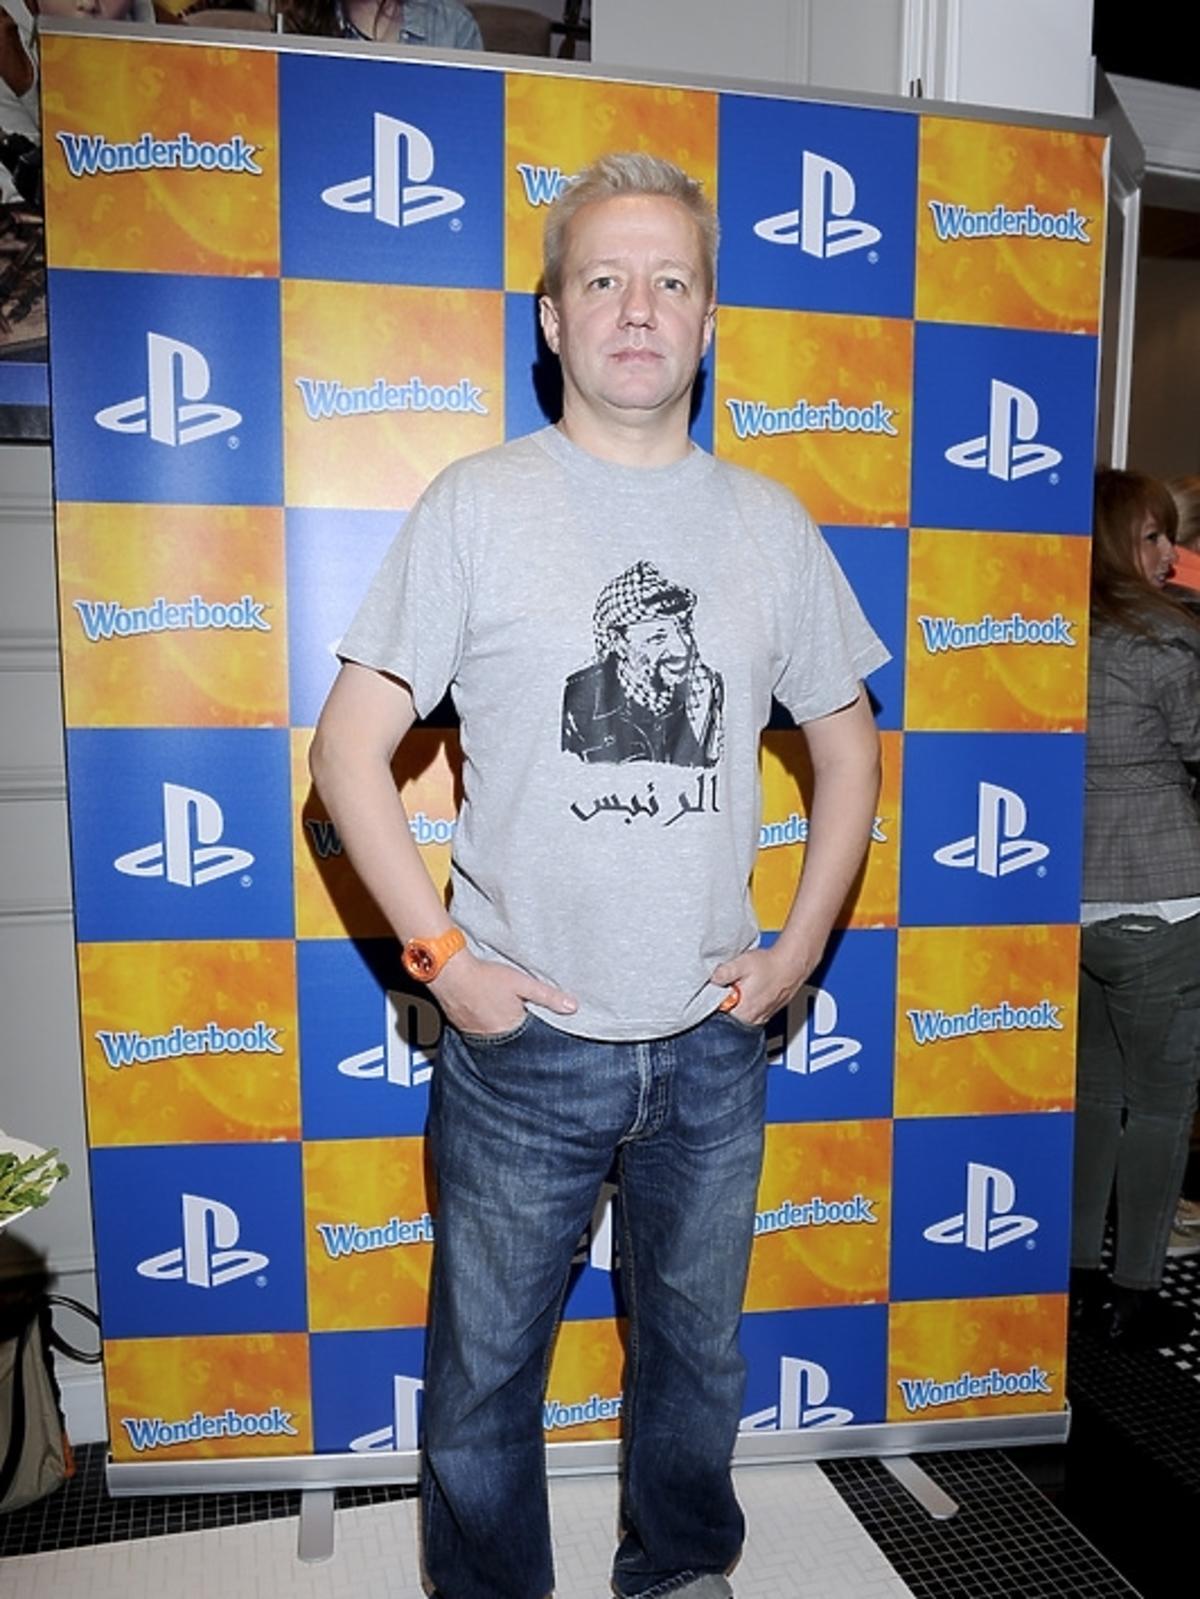 Robert Leszczyński na premierze PlayStation 3 - Wonderbook: Księga Czarów